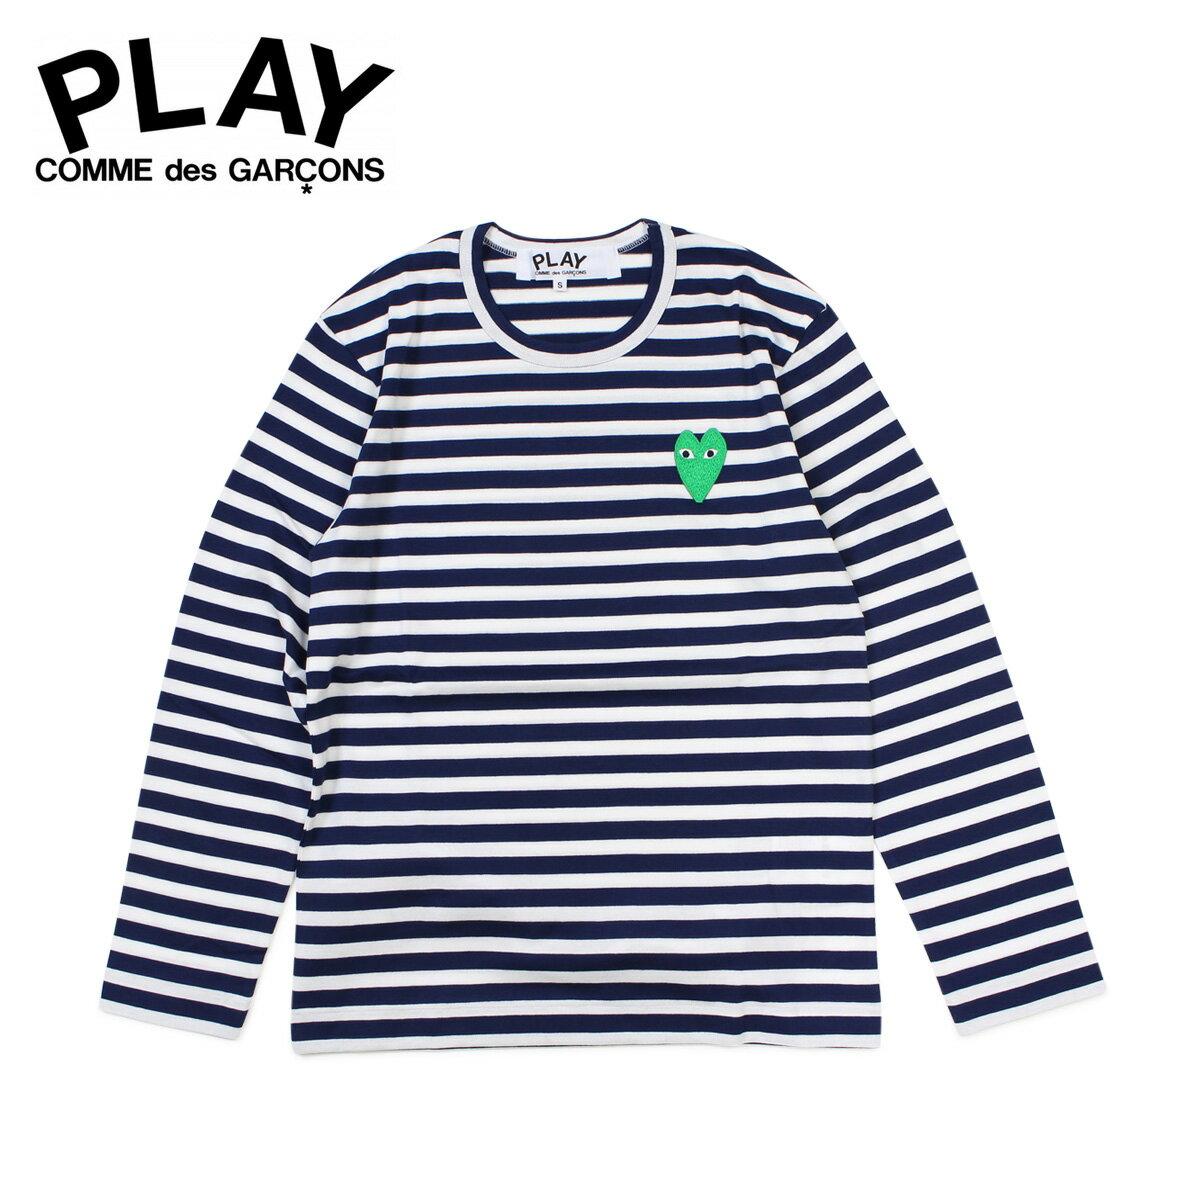 コムデギャルソン PLAY Tシャツ 長袖 COMME des GARCONS メンズ HEART LS T-SHIRT ボーダー カットソー AZ-T052 ホワイト [12/5 追加入荷]